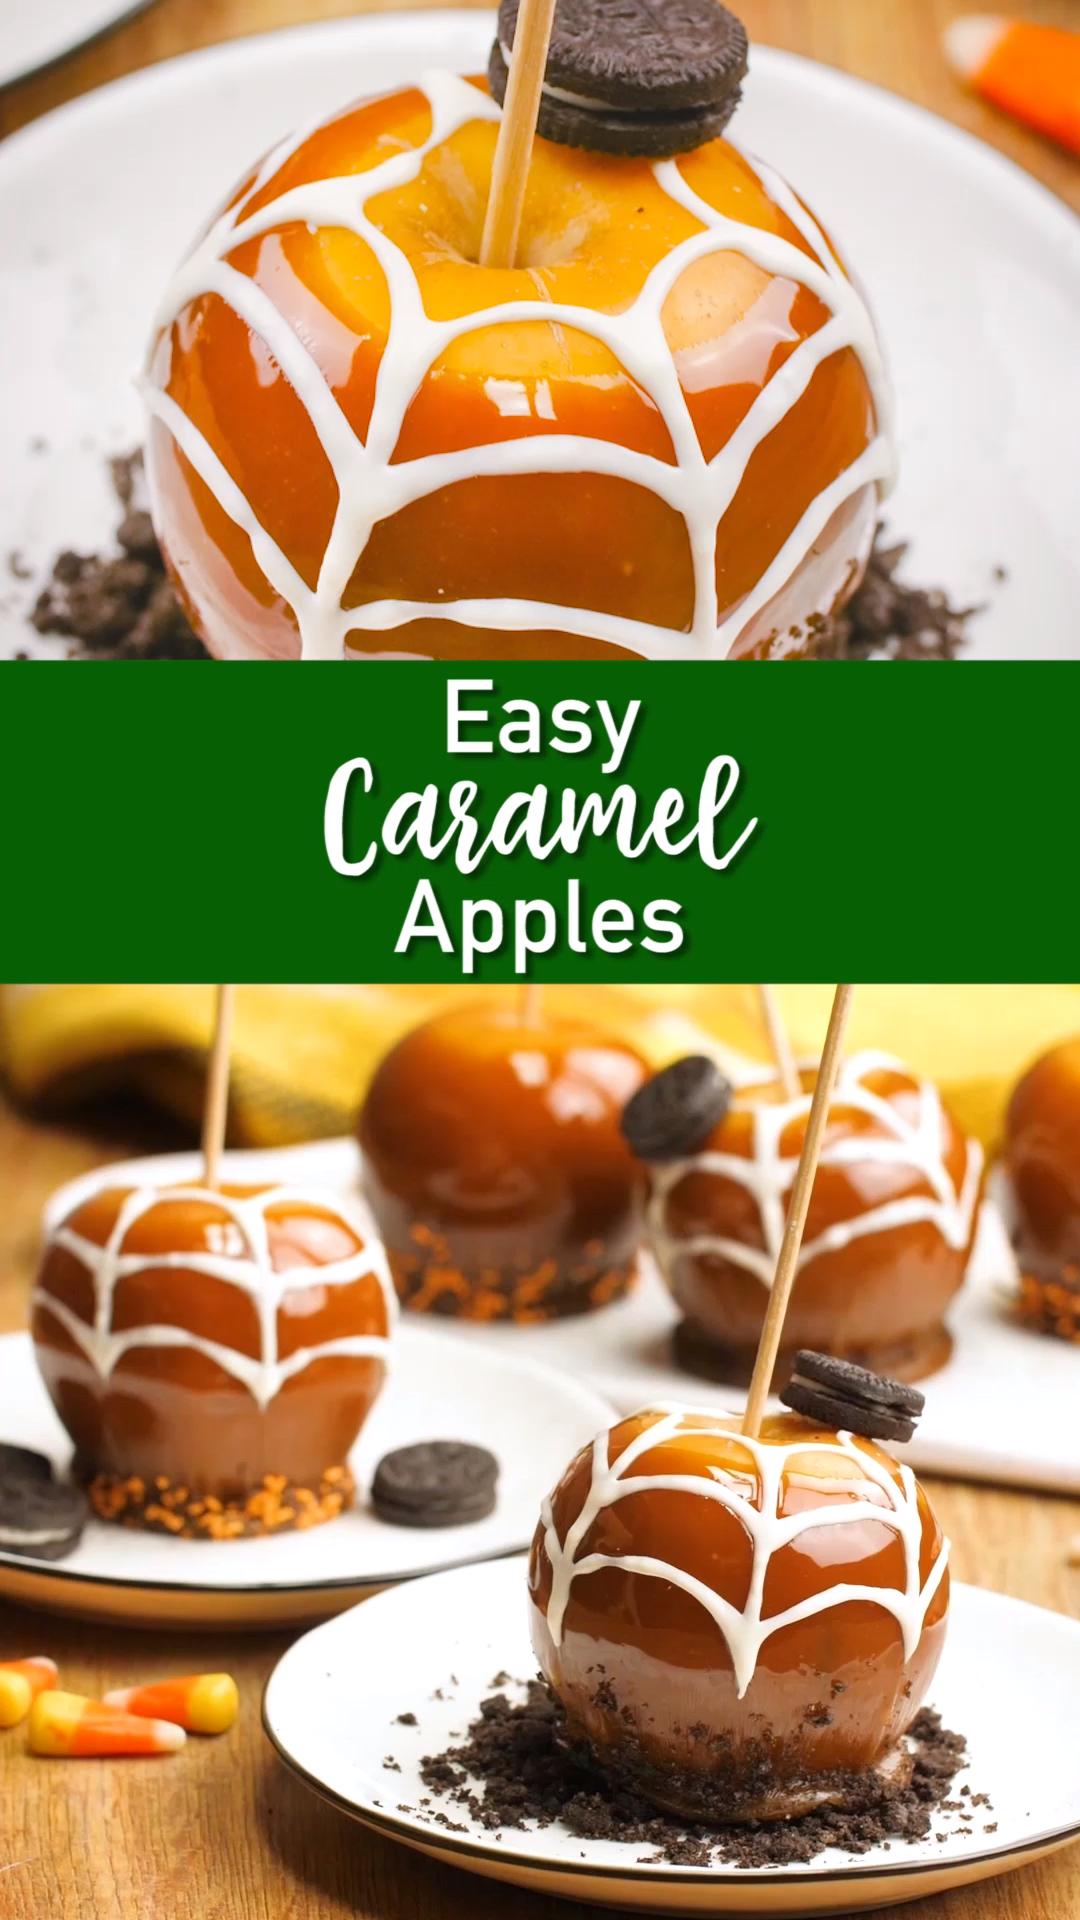 Easy Caramel Apples #caramelapples